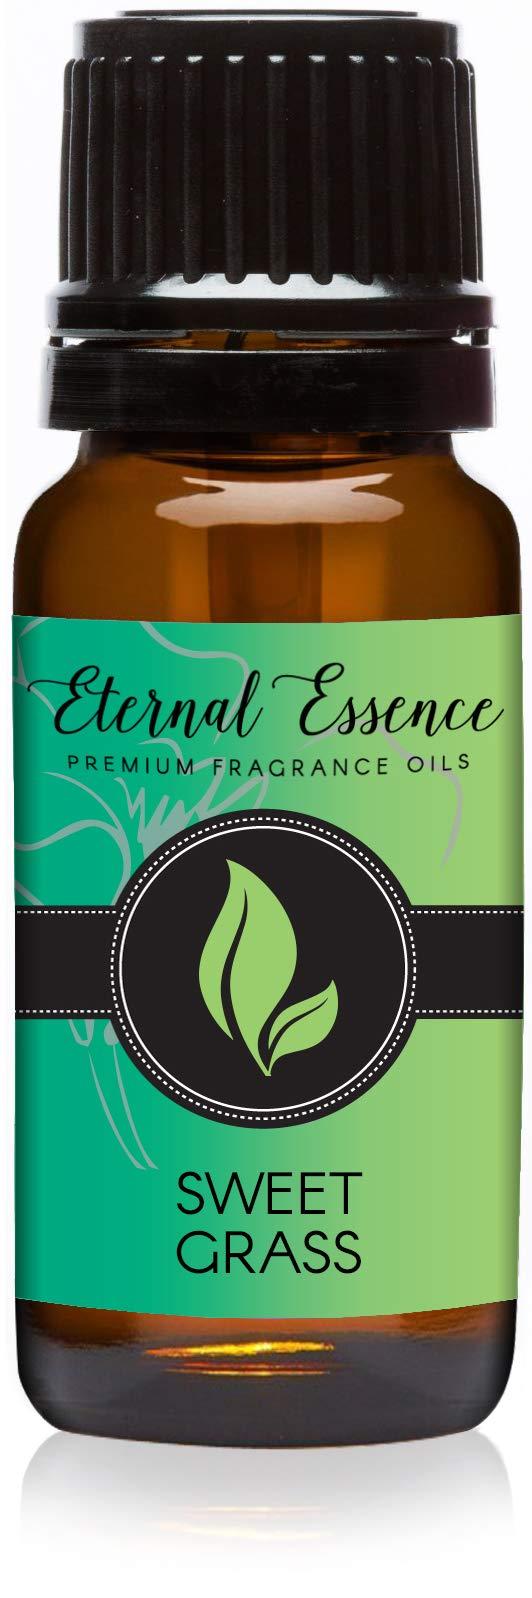 Sweet Grass - Premium Grade Fragrance Oils - 10ml - Scented Oil